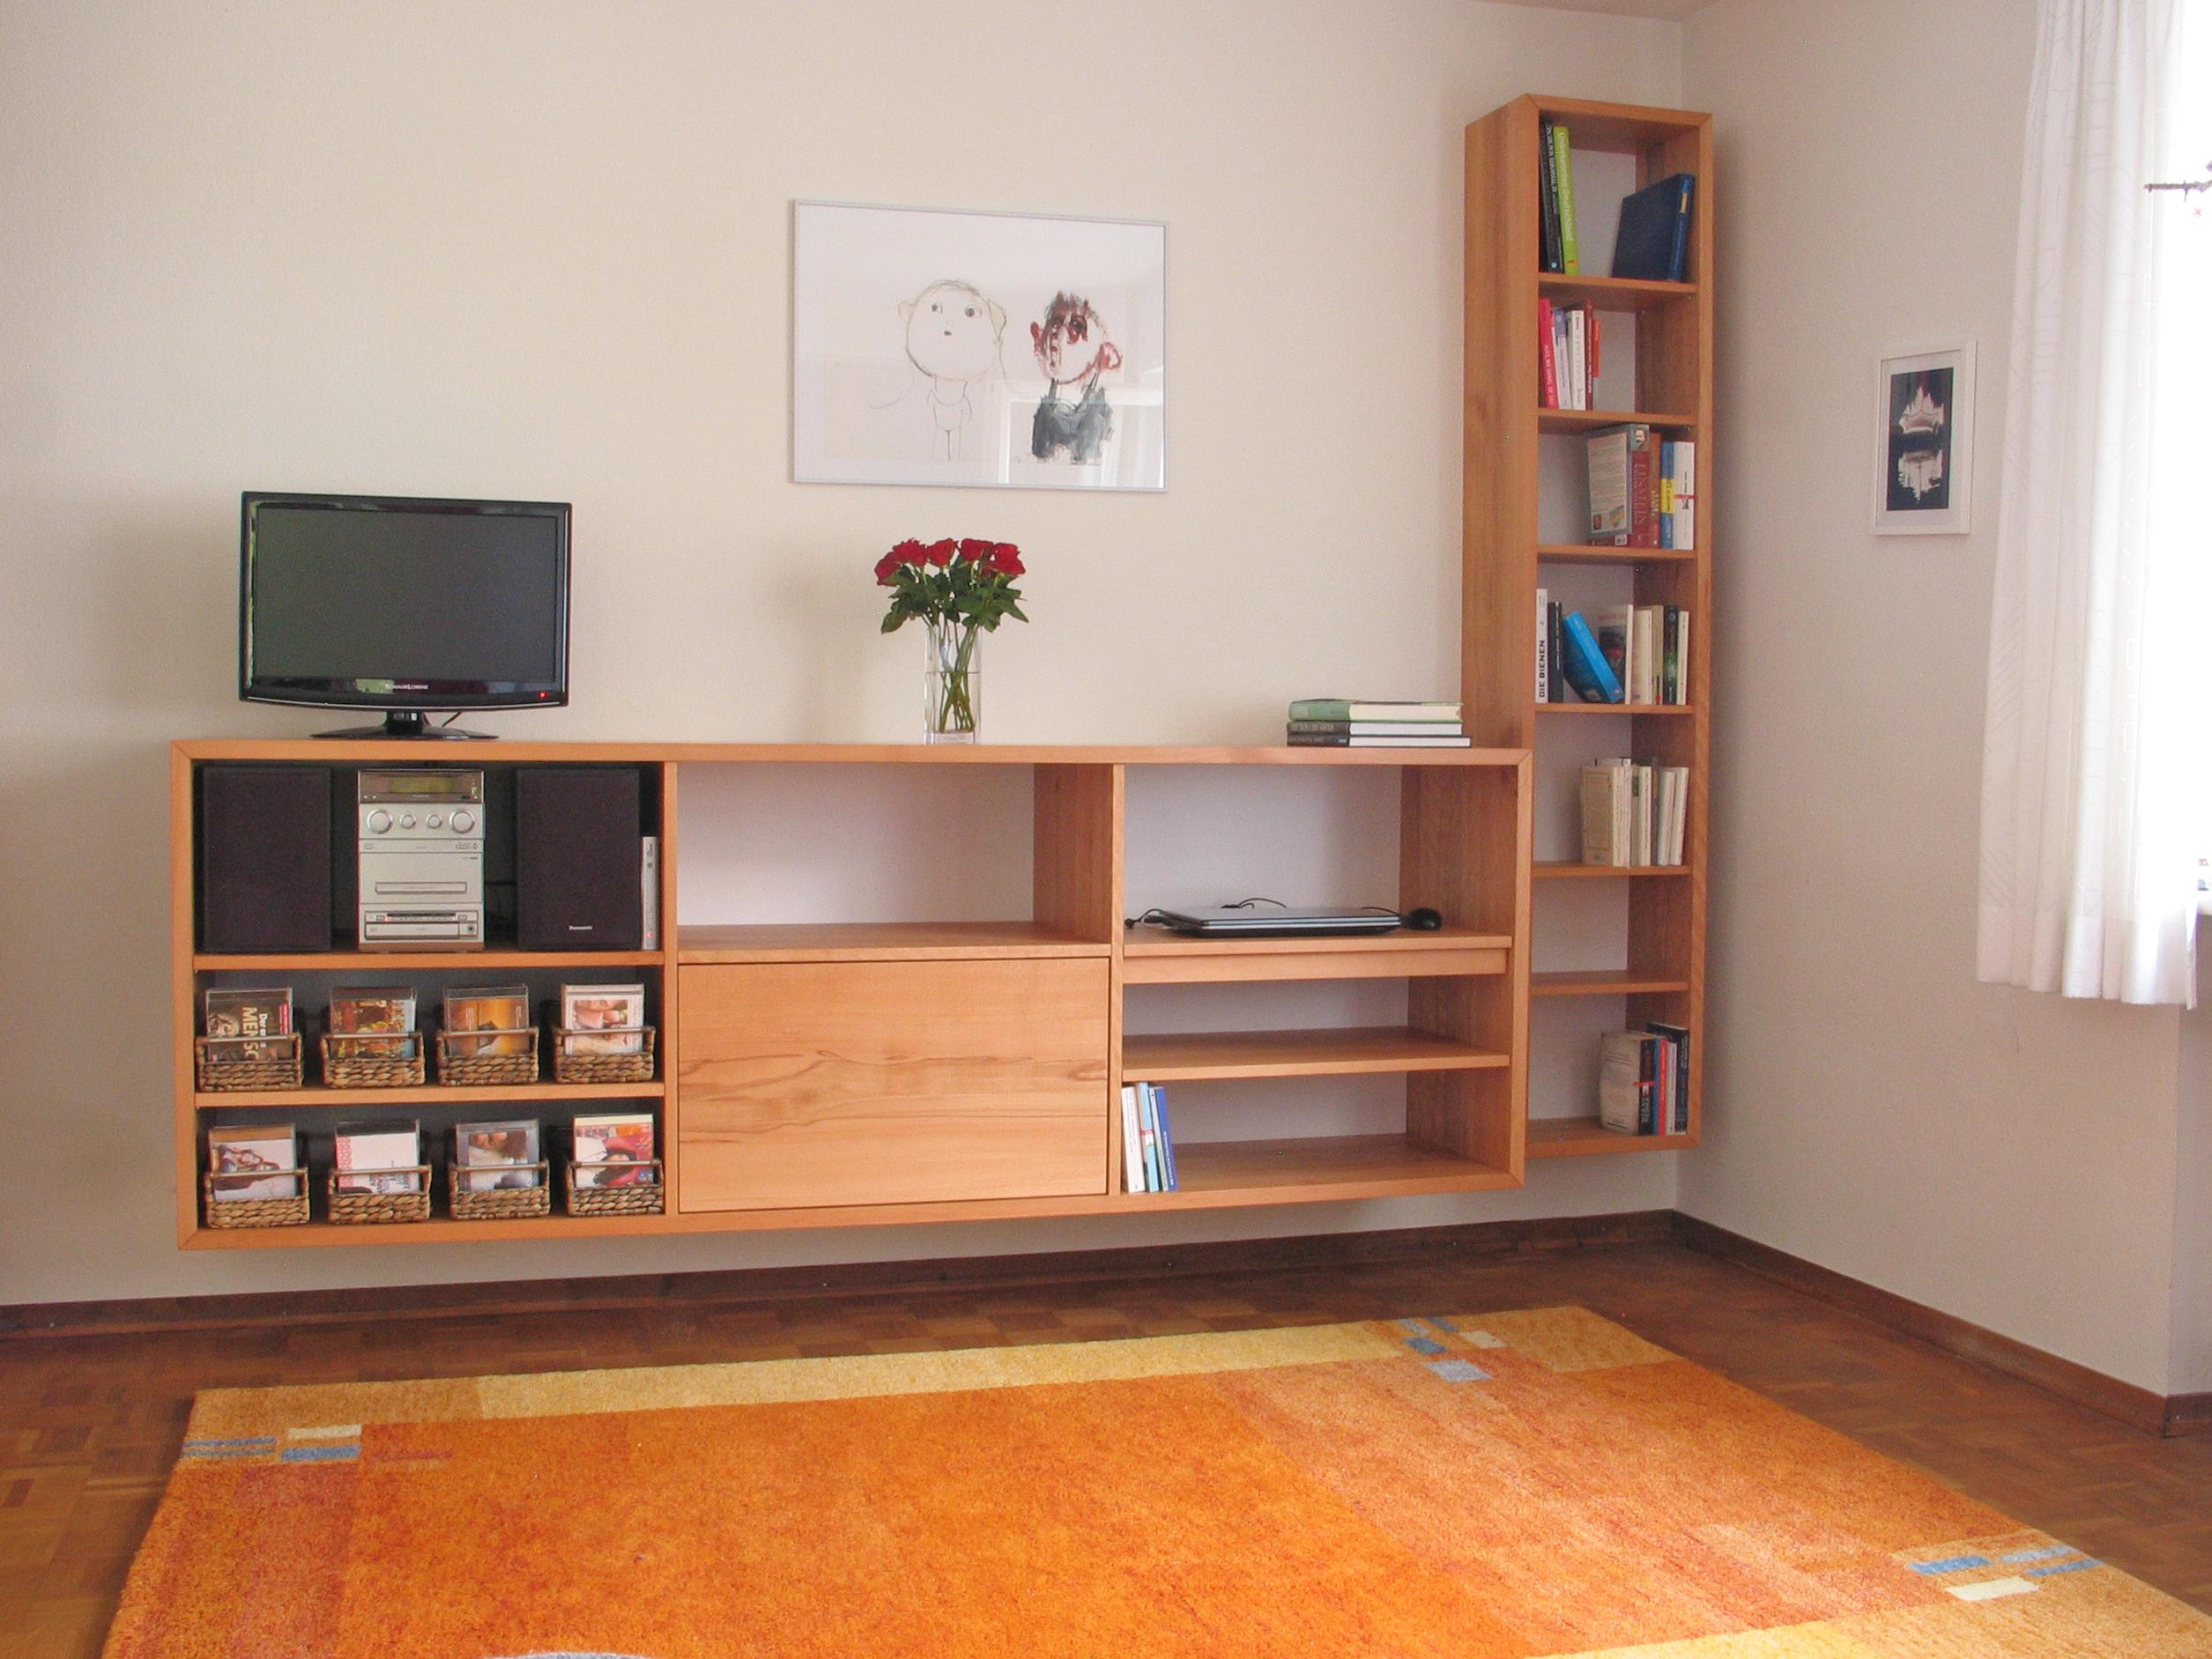 Wohnzimmerregal PC Arbeitsplatz Kernbuche